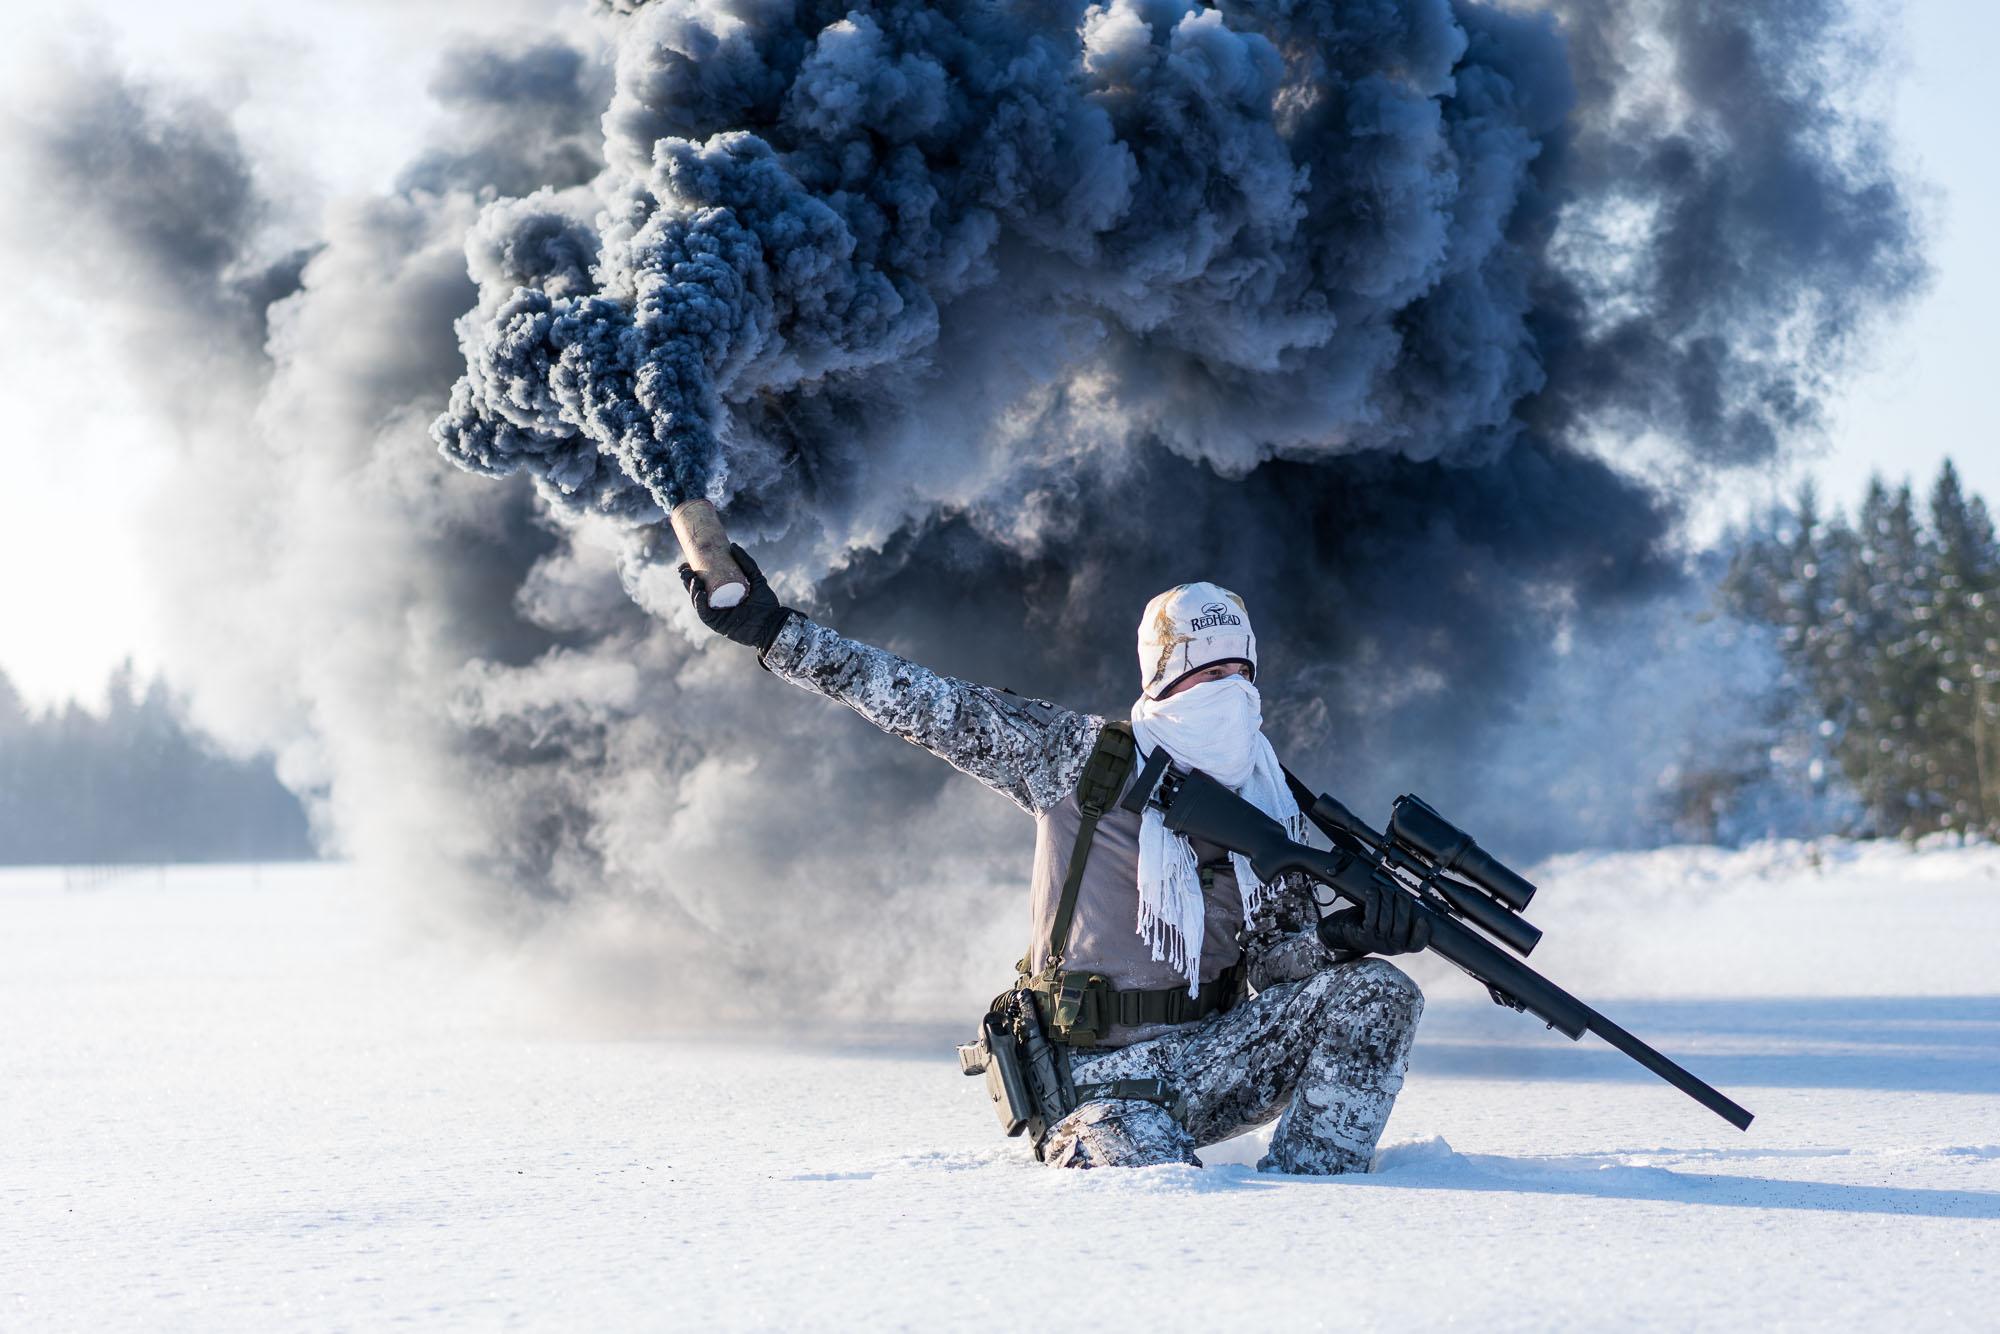 Very Best Hd Wallpapers Novritsch Ssg24 Airsoft Sniper Rifle